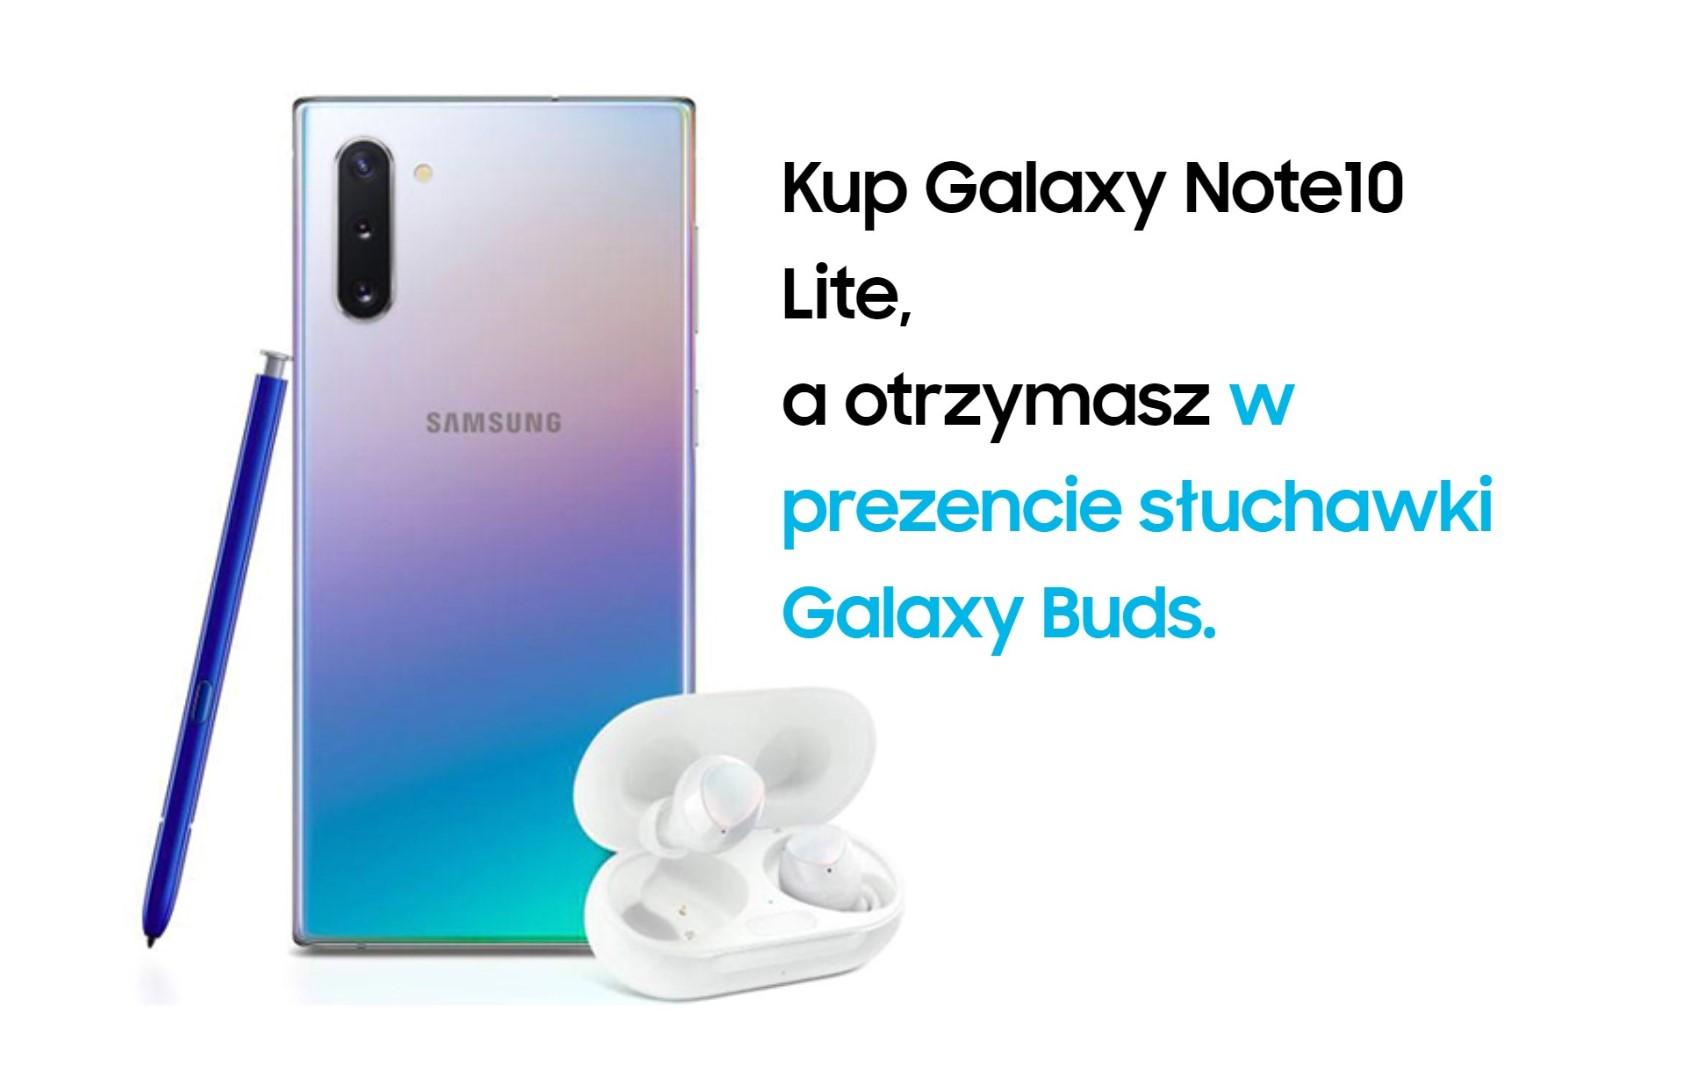 Samsung dorzuca do Galaxy Note 10 Lite słuchawki Galaxy Buds, jeśli kupisz go u operatora 18